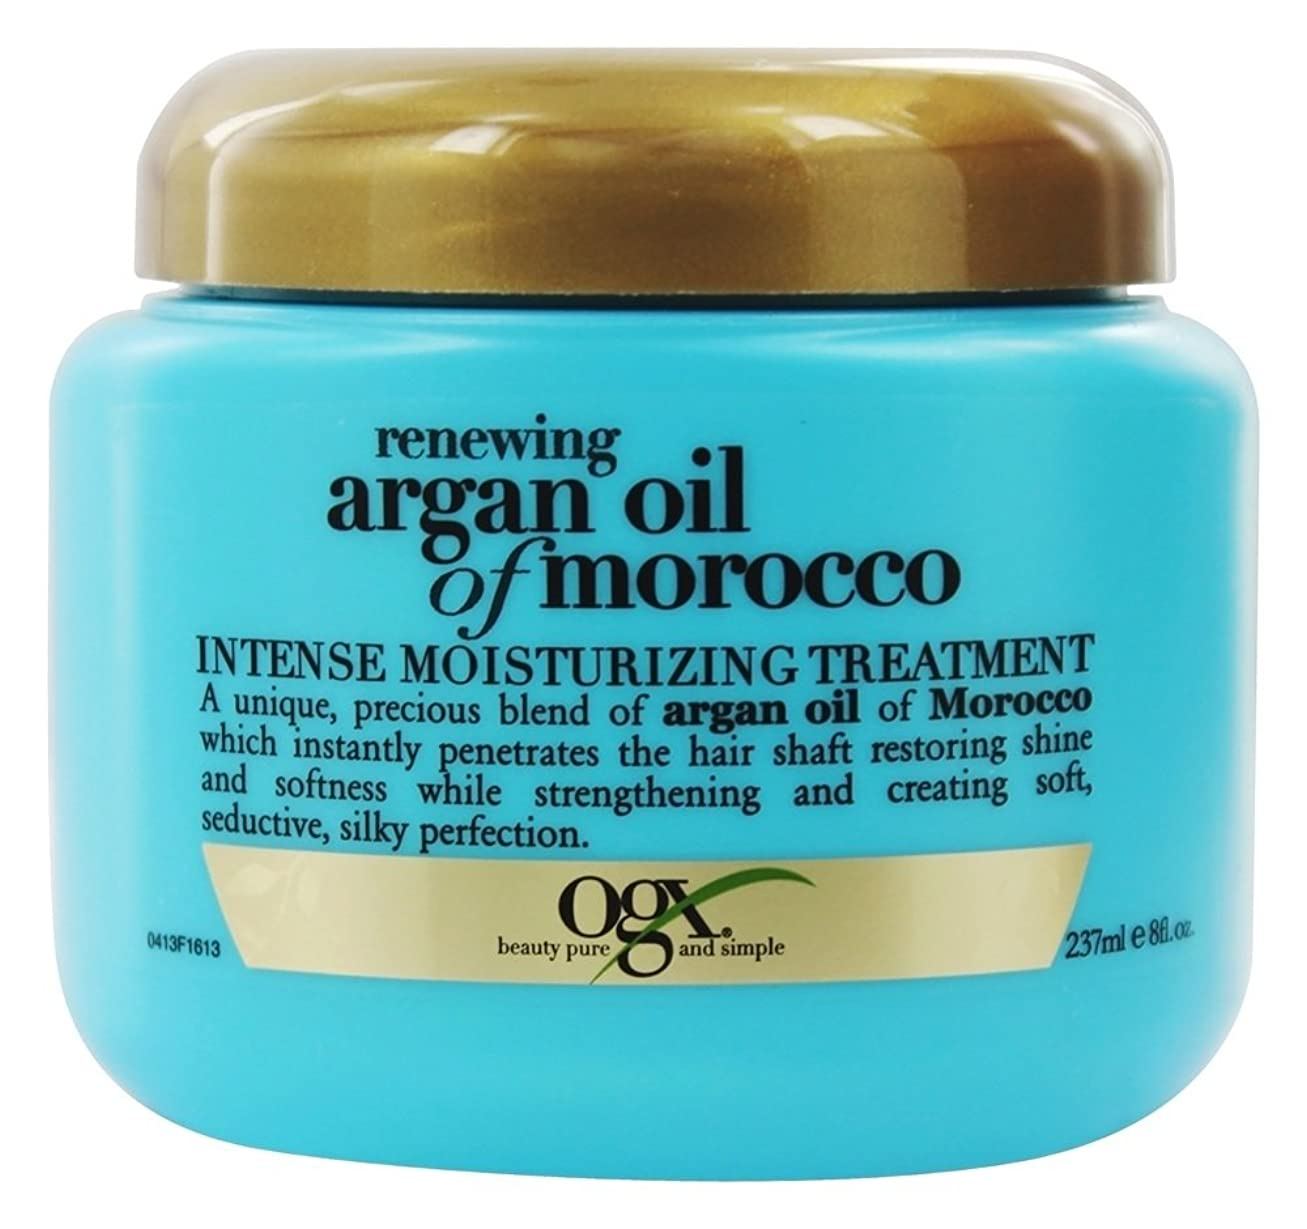 みぞれ気まぐれな三角Organix - モロッコのArganオイルを更新する強い保湿の処置 - 8ポンド [並行輸入品]